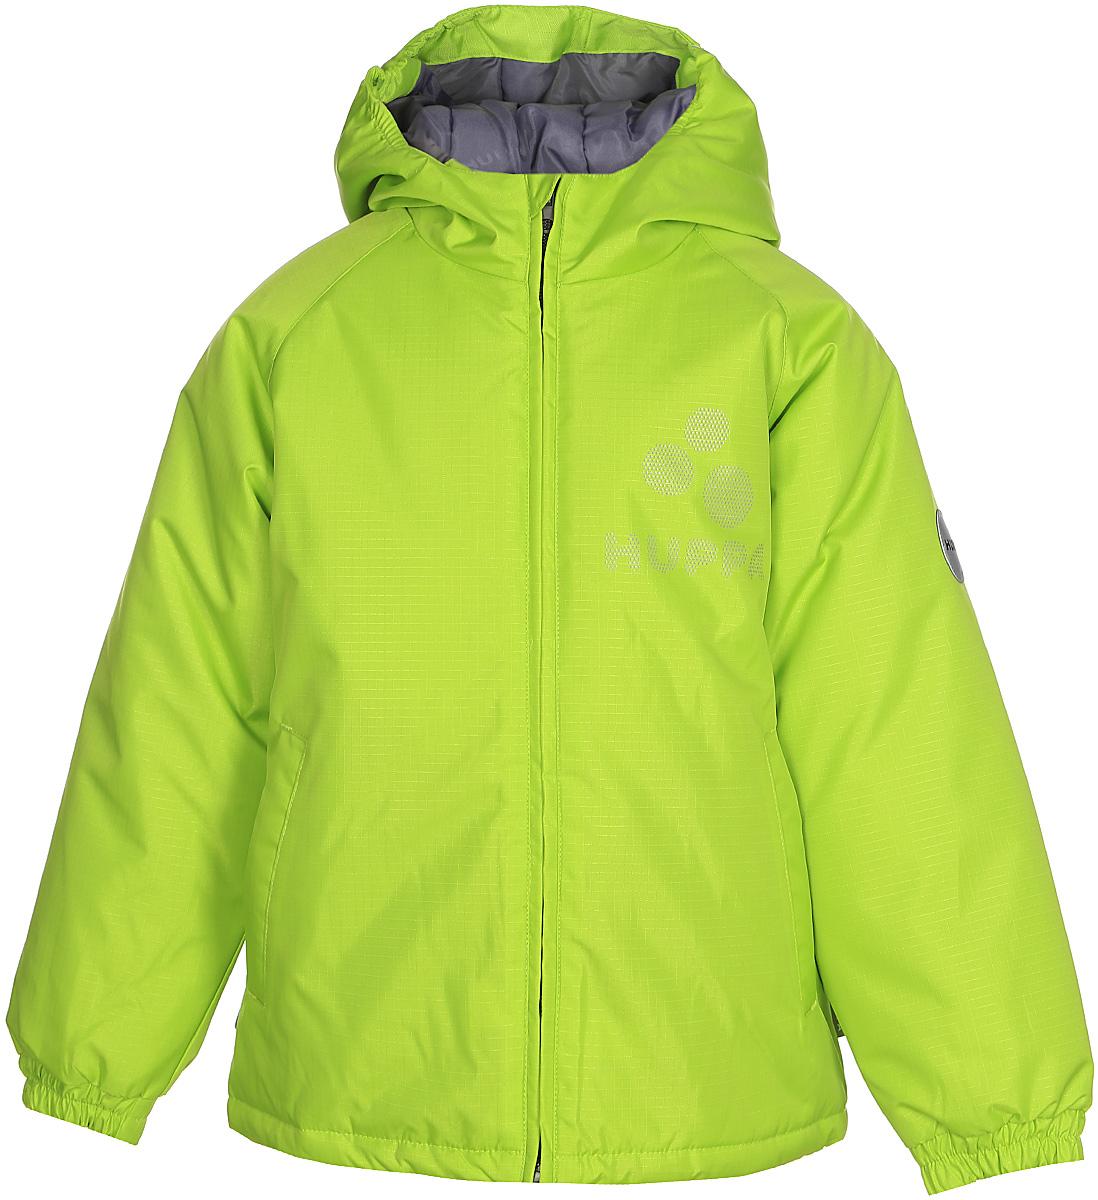 Куртка детская Huppa Classy, цвет: лайм. 17710030-047. Размер 14617710030-047Детская куртка Huppa изготовлена из водонепроницаемого полиэстера. Куртка с капюшоном застегивается на пластиковую застежку-молнию с защитой подбородка. Края капюшона и рукавов собраны на внутренние резинки. У модели имеются два врезных кармана. Изделие дополнено светоотражающими элементами.